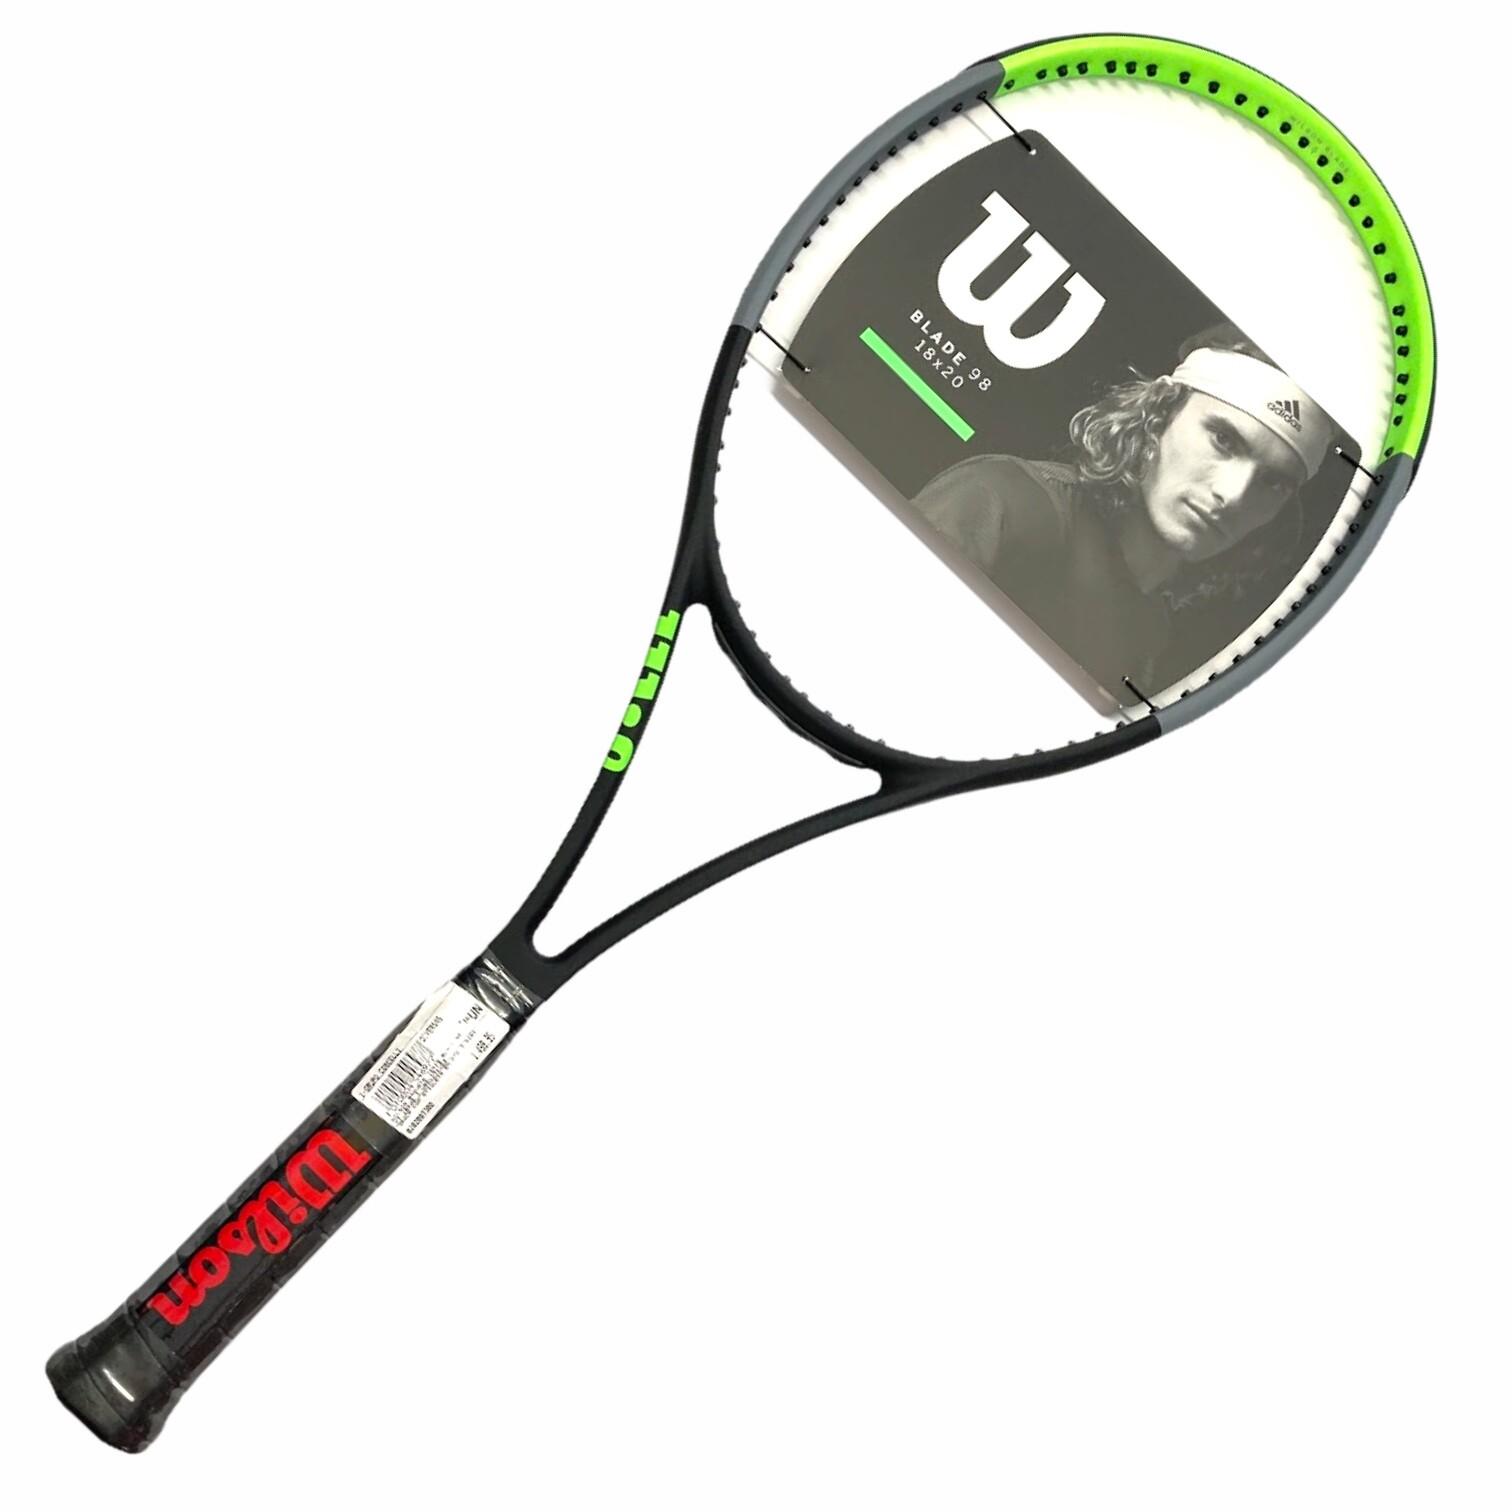 Raquete de Tênis Wilson Blade 98 V7.0 18x20 305g (L3)